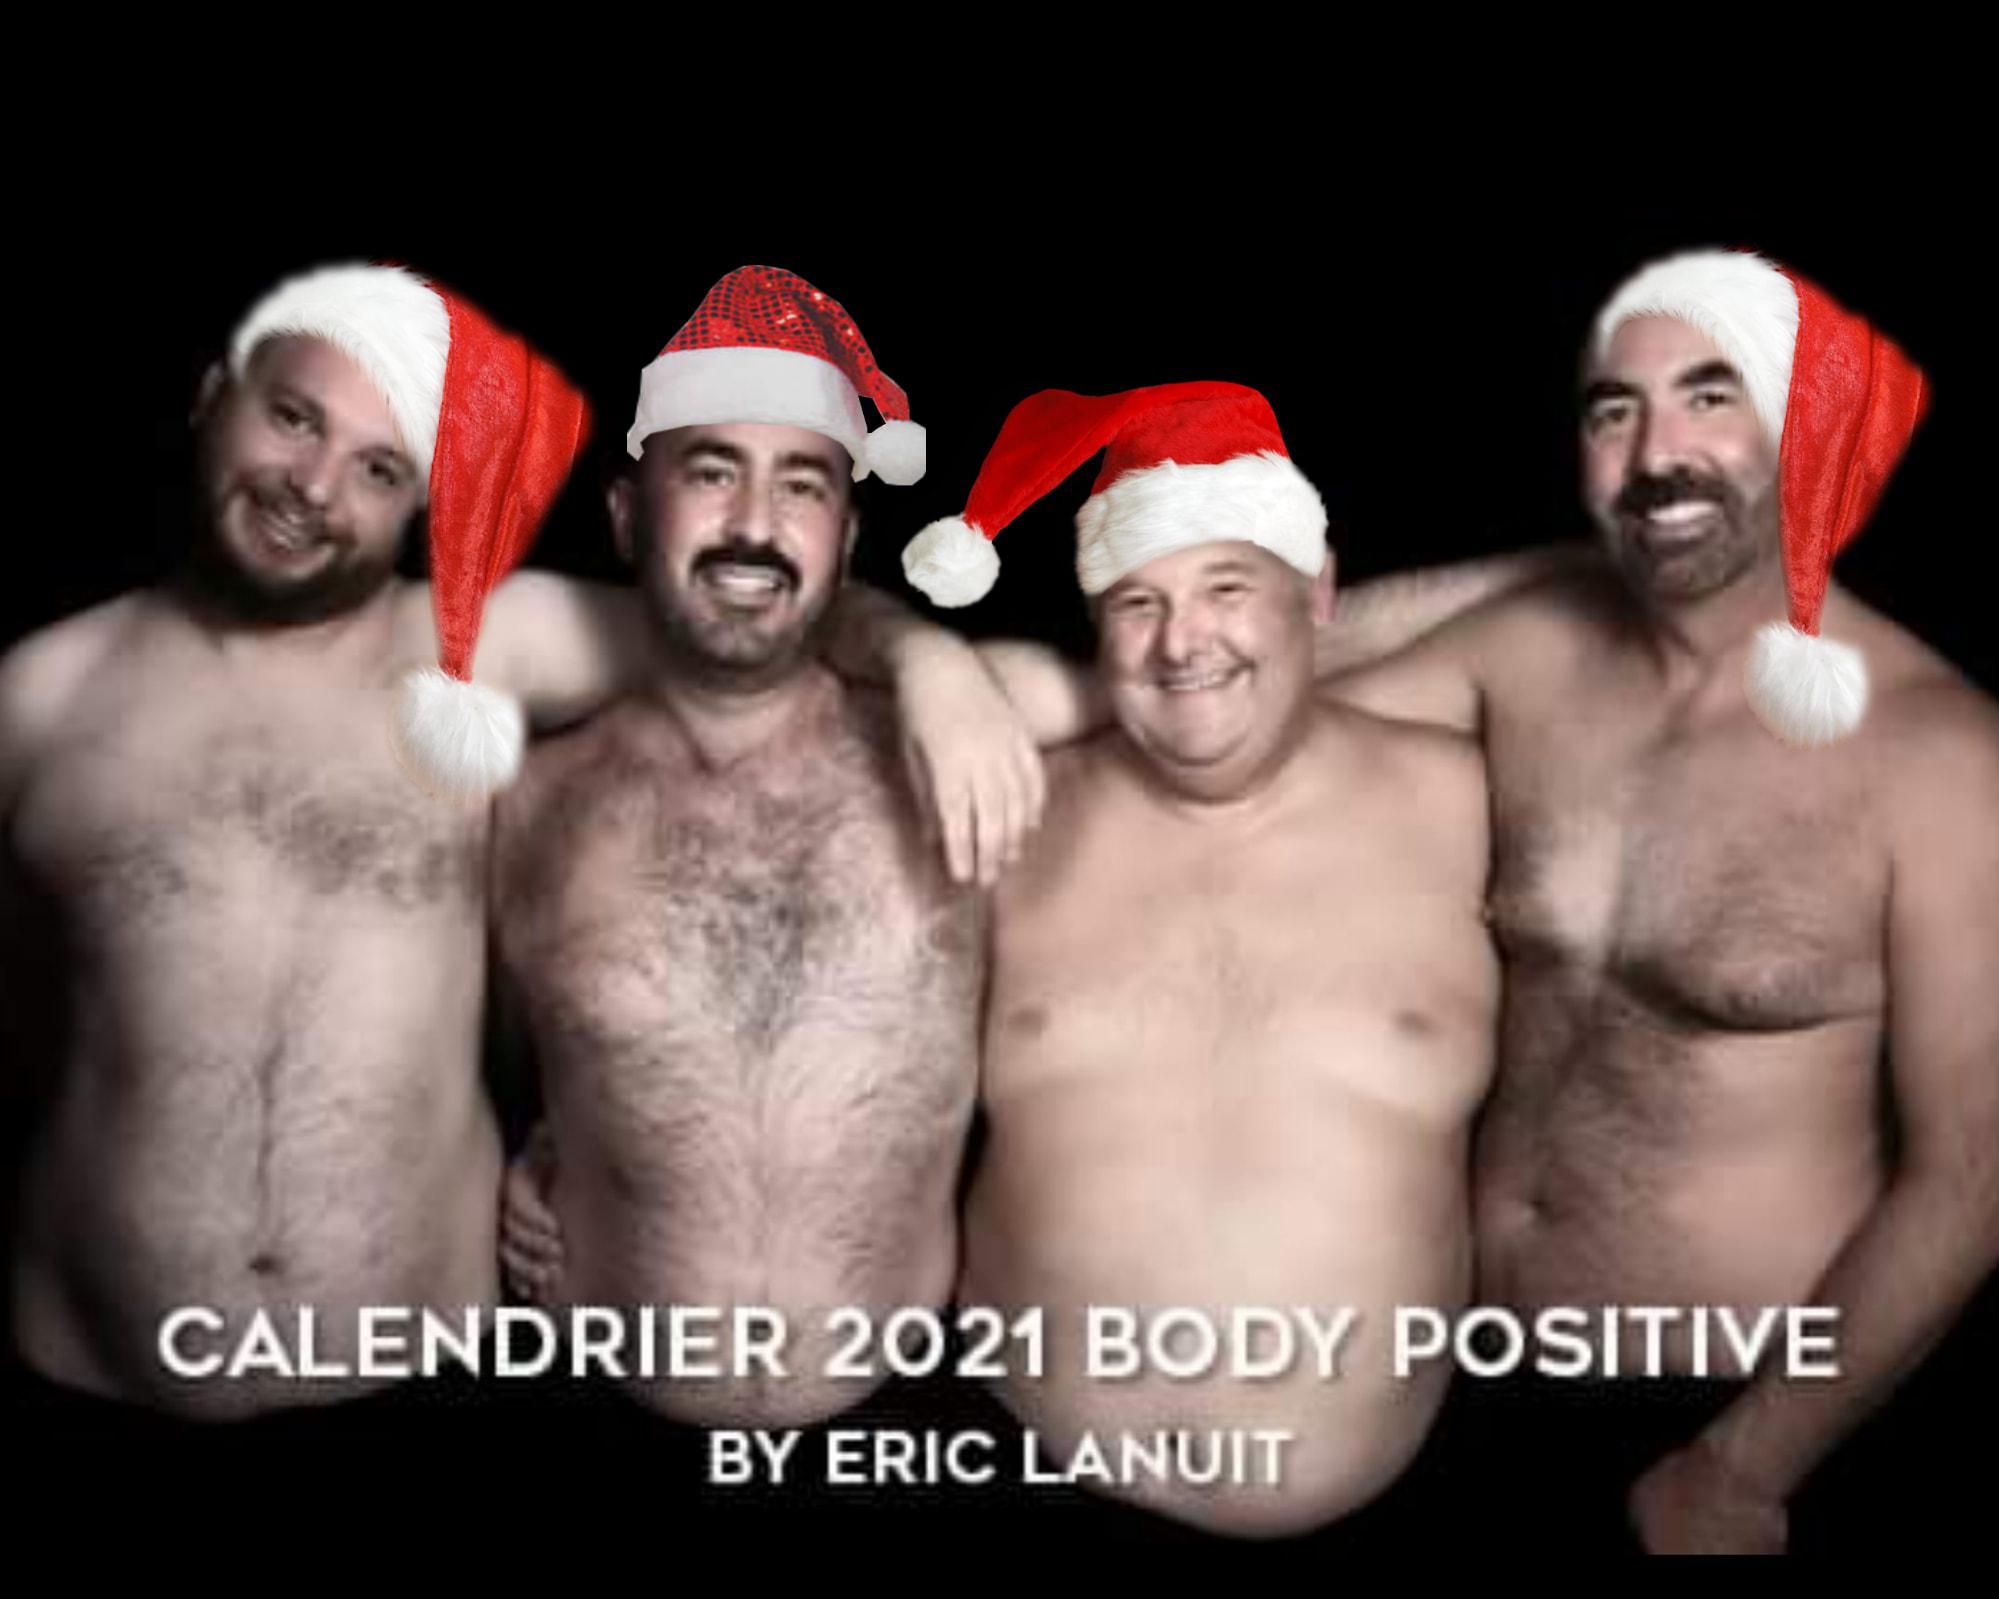 Bonnes fêtes de fin d'année de la part de GrrrizzLyon